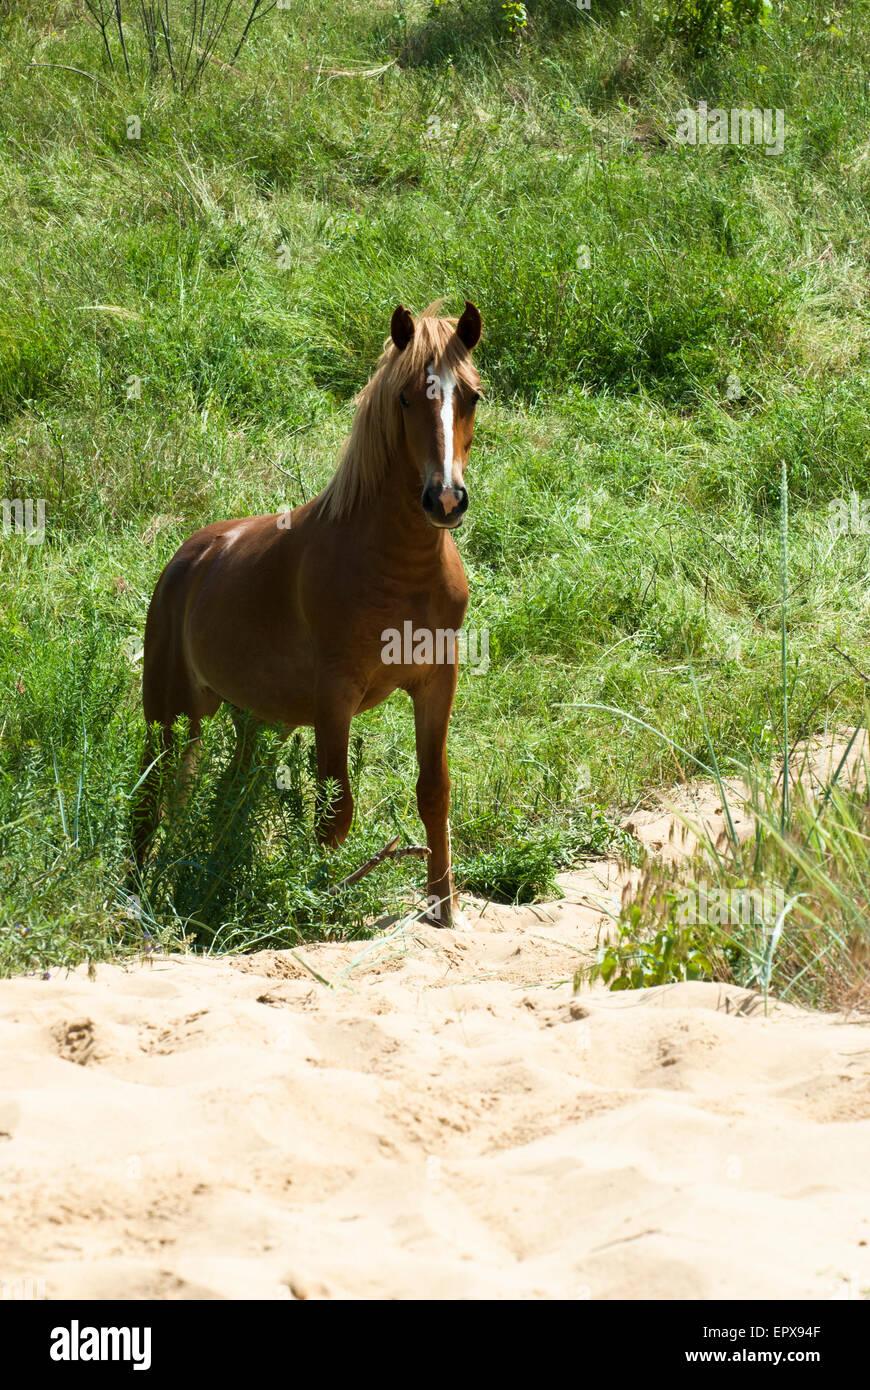 Sorrel horse looking at camera - Stock Image